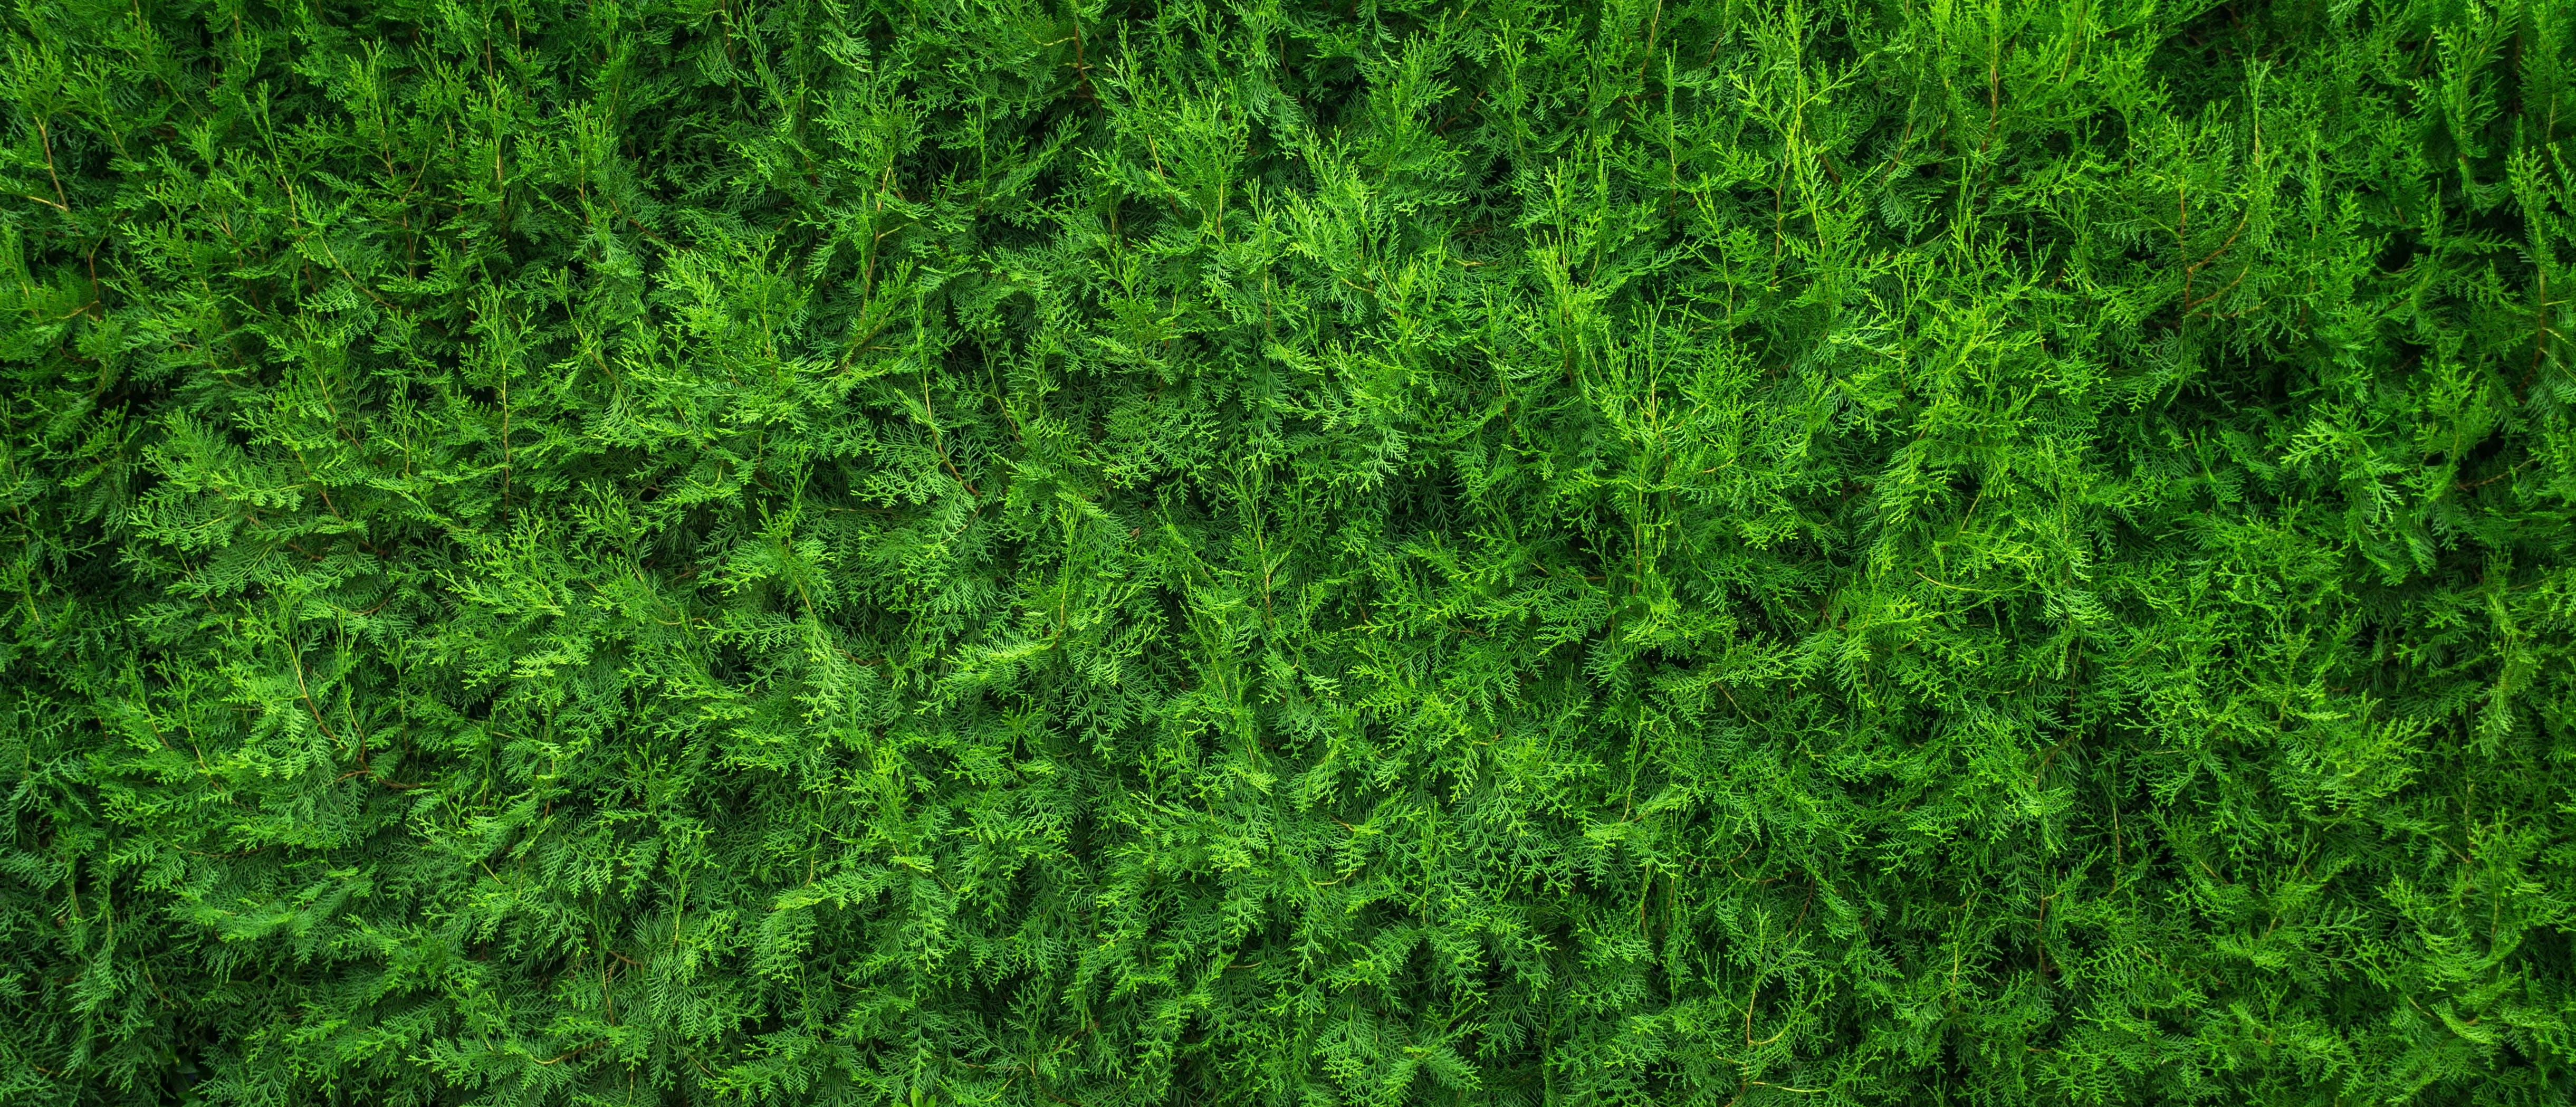 Gratis lagerfoto af close-up, grøn, HD-baggrund, kraftværker